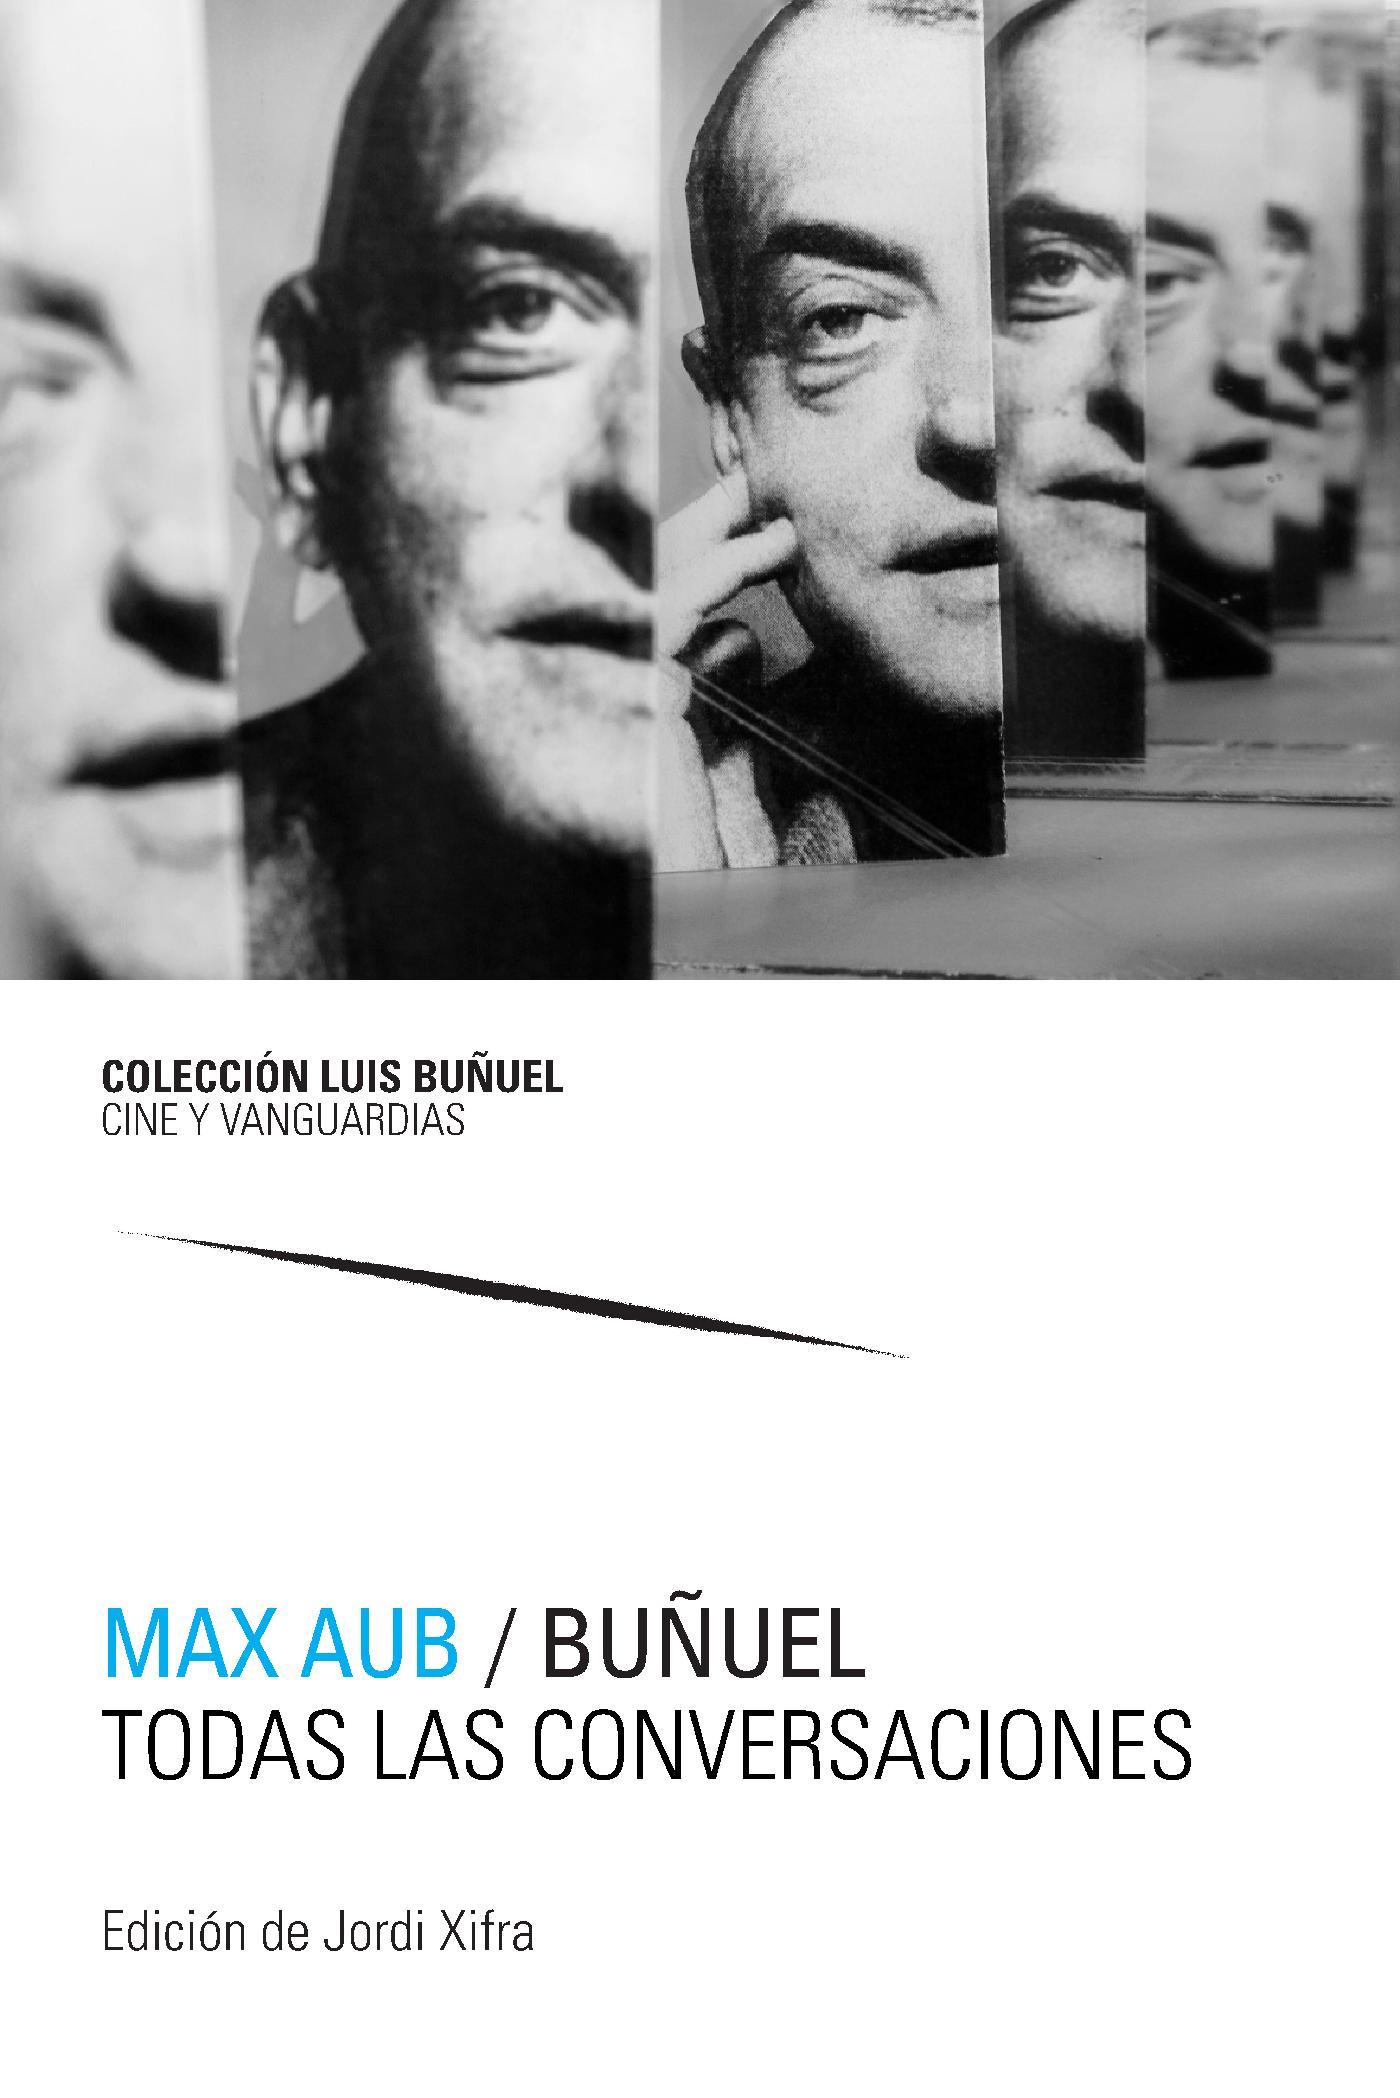 BUÑUEL. TODAS LAS CONVERSACIONES (2 VOLS.)